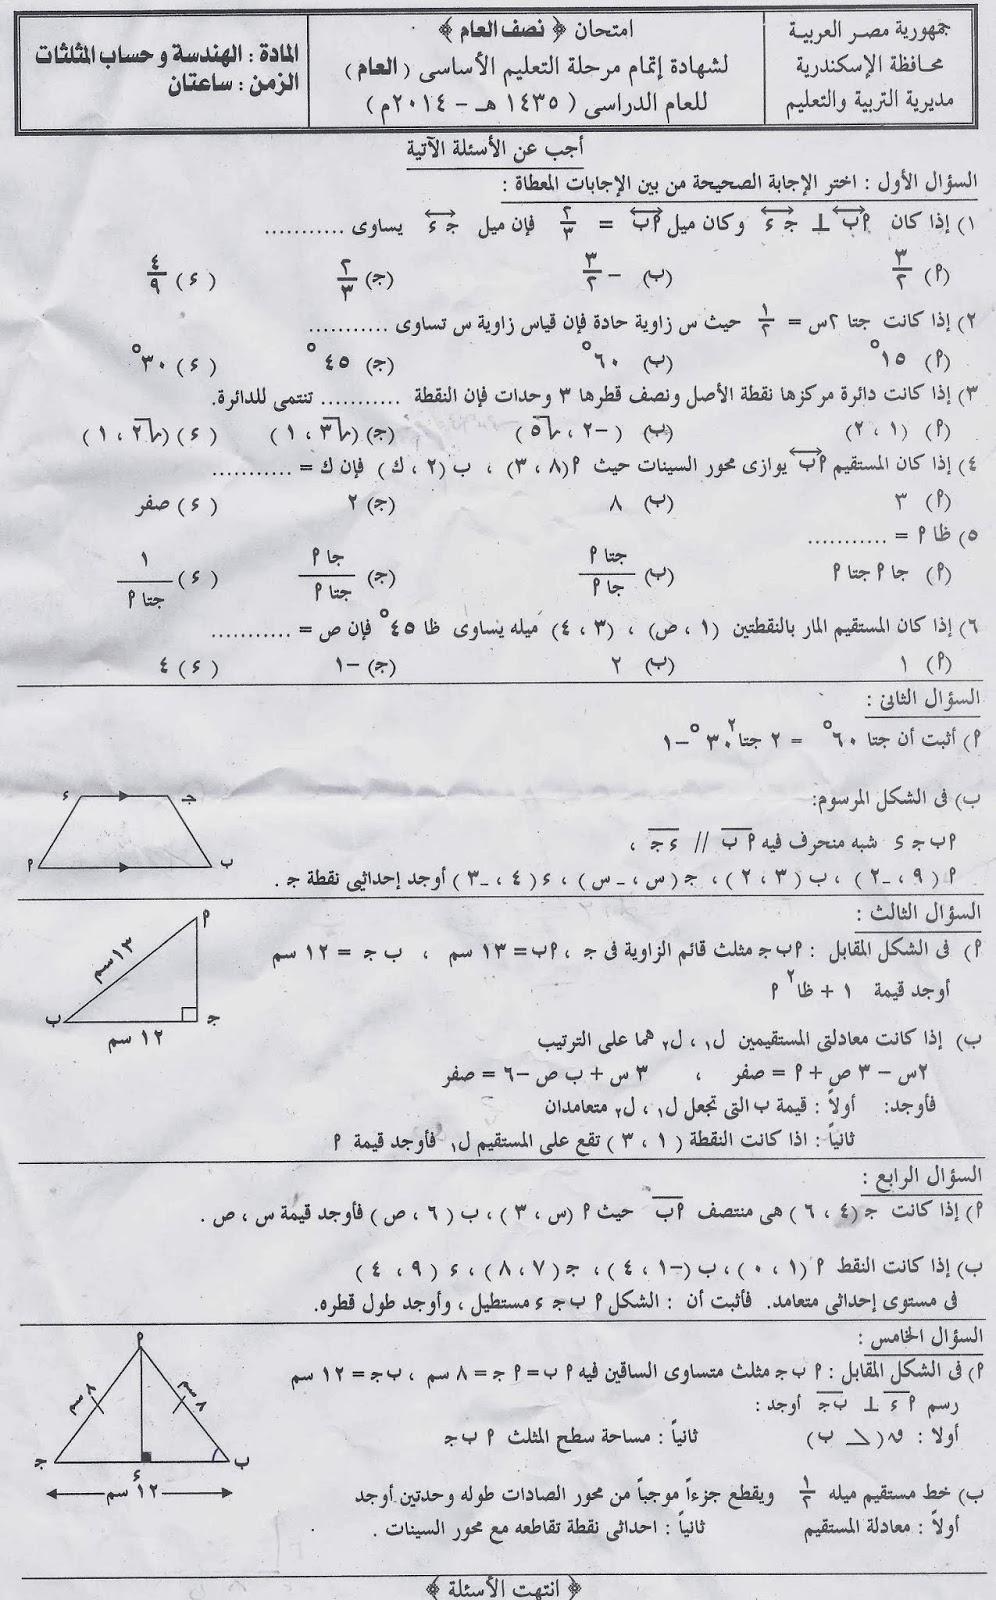 امتحان الهندسة الترم الاول 2014 للشهادة الاعدادية محافظة الاسكندرية scan0011.jpg